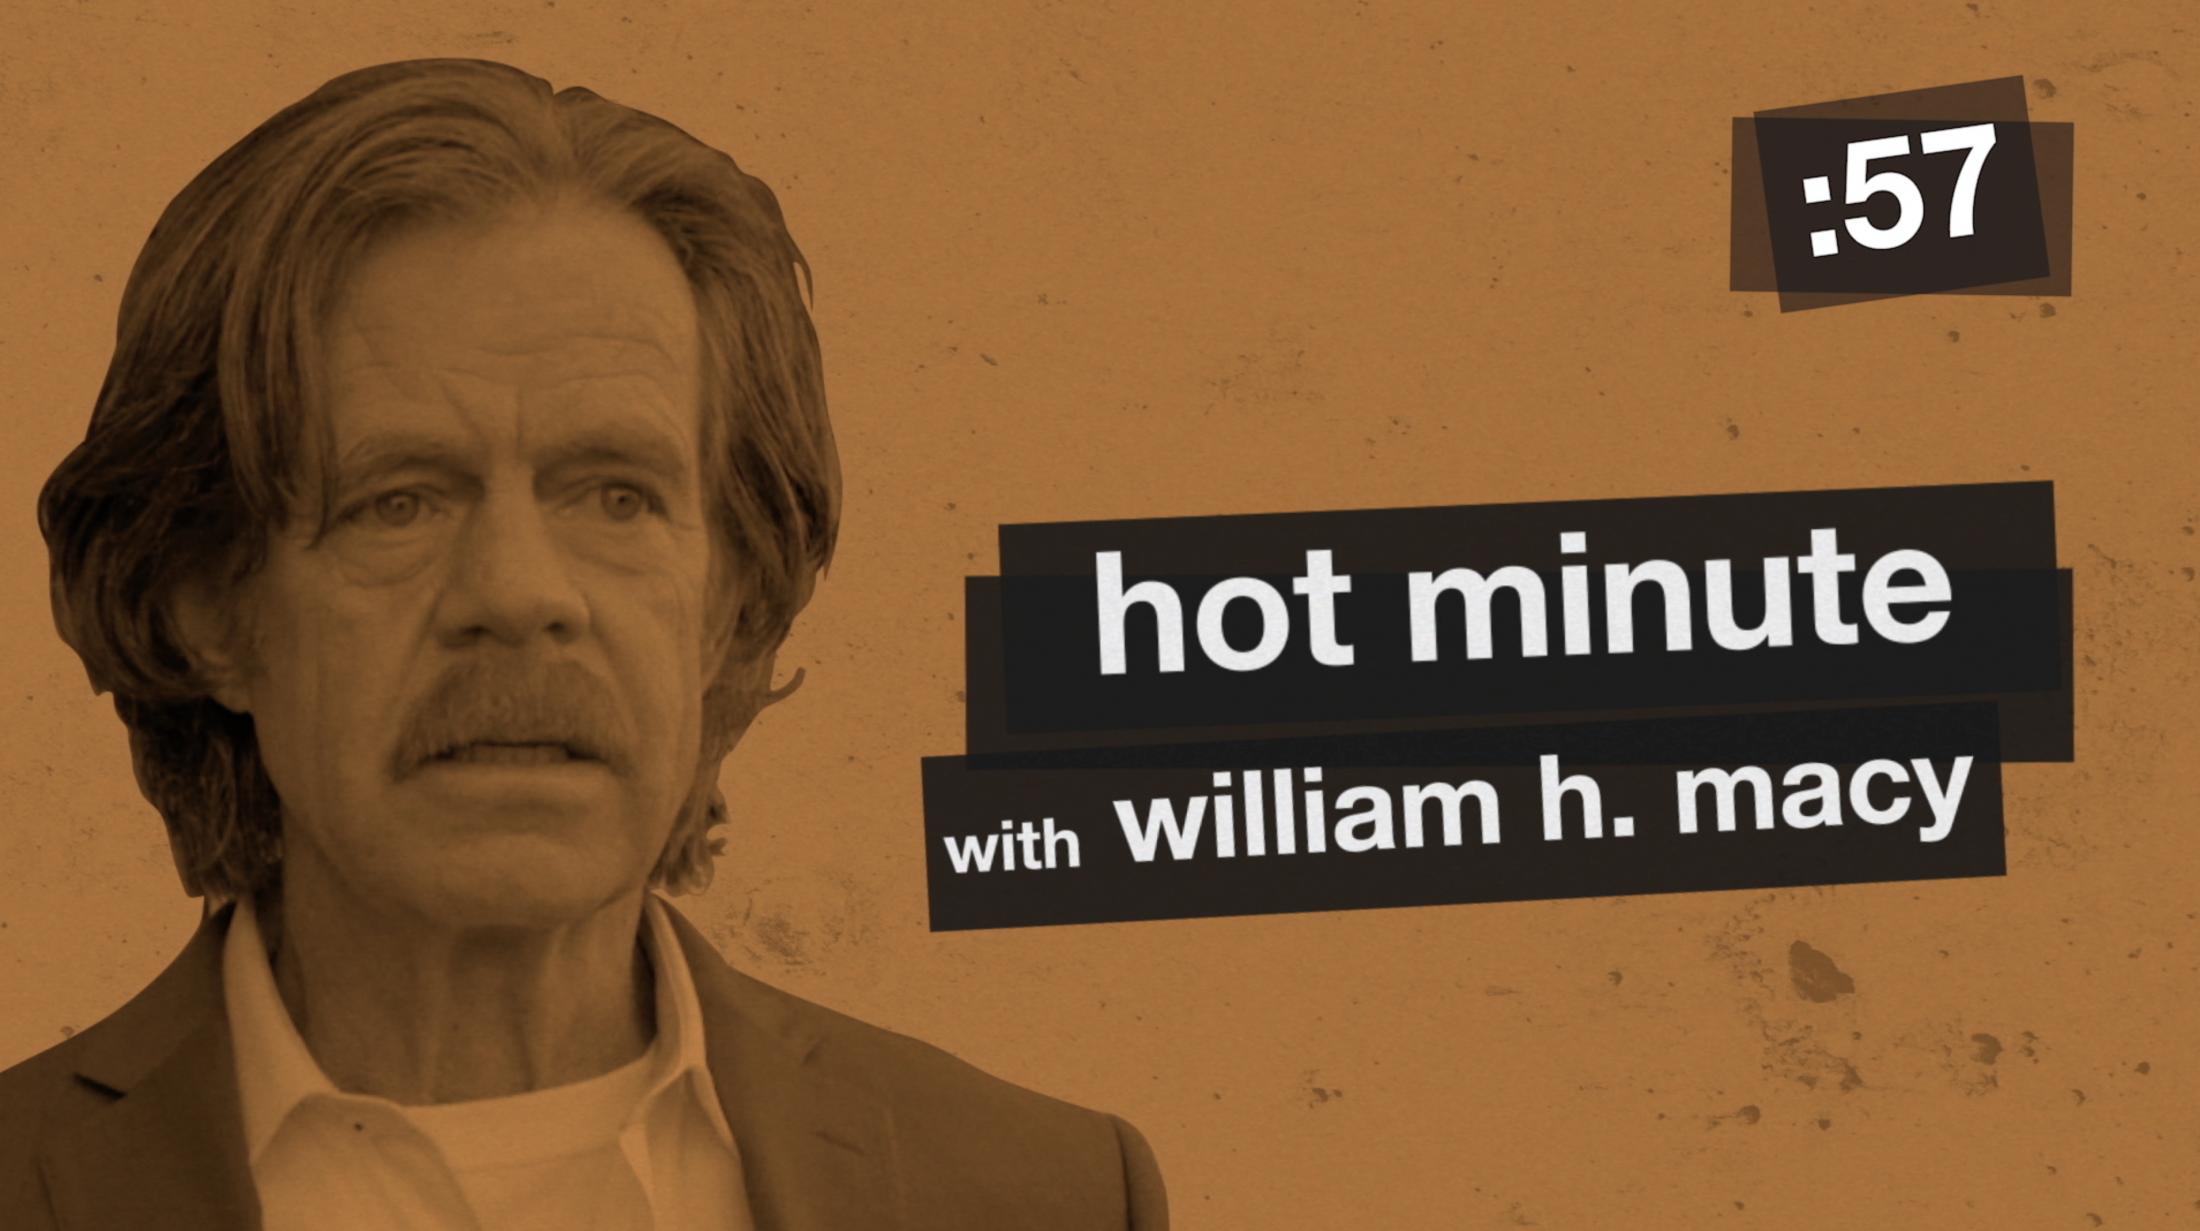 Thumbnail for Shameless William H. Macy Hot Minute